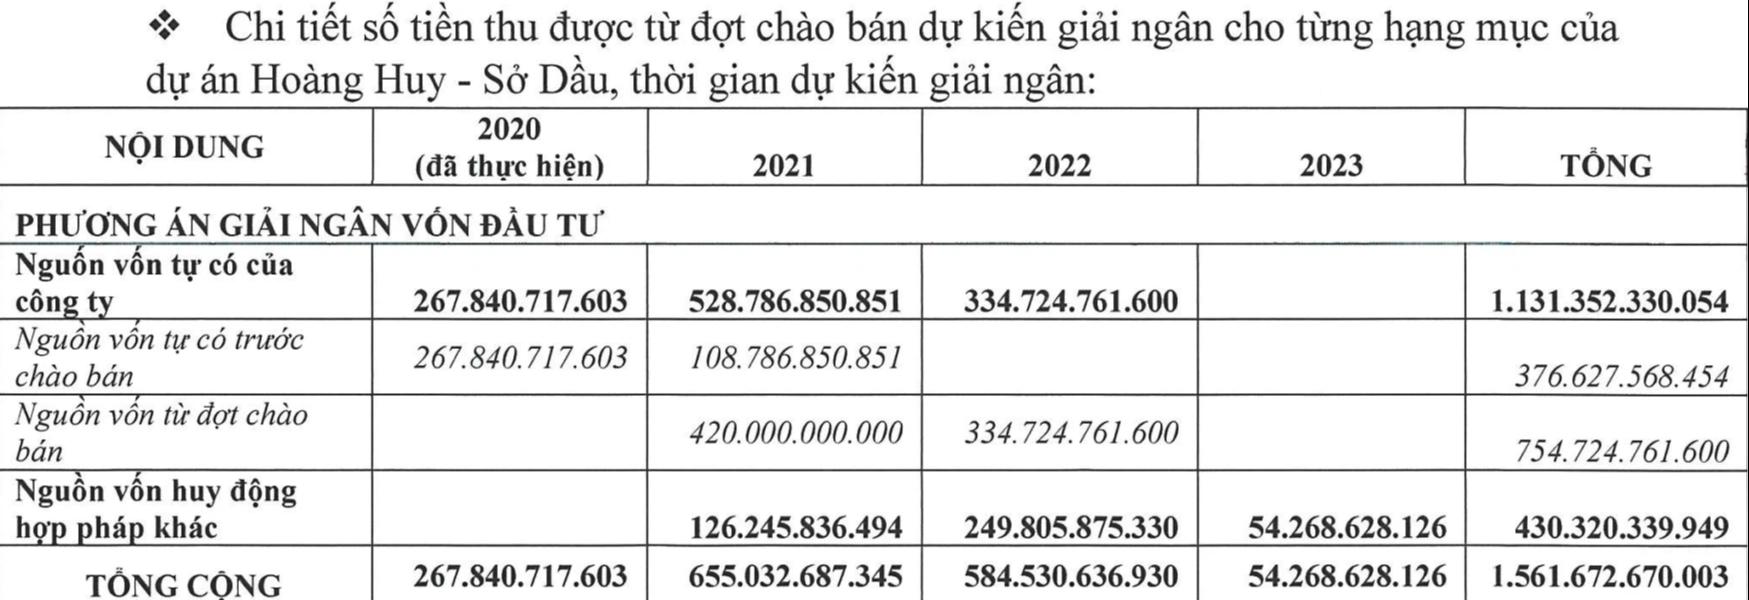 Tài chính Hoàng Huy lên kế hoạch rót hơn 2.500 tỷ vào dự án Hoàng Huy Commerce và Sở Dầu - Ảnh 2.